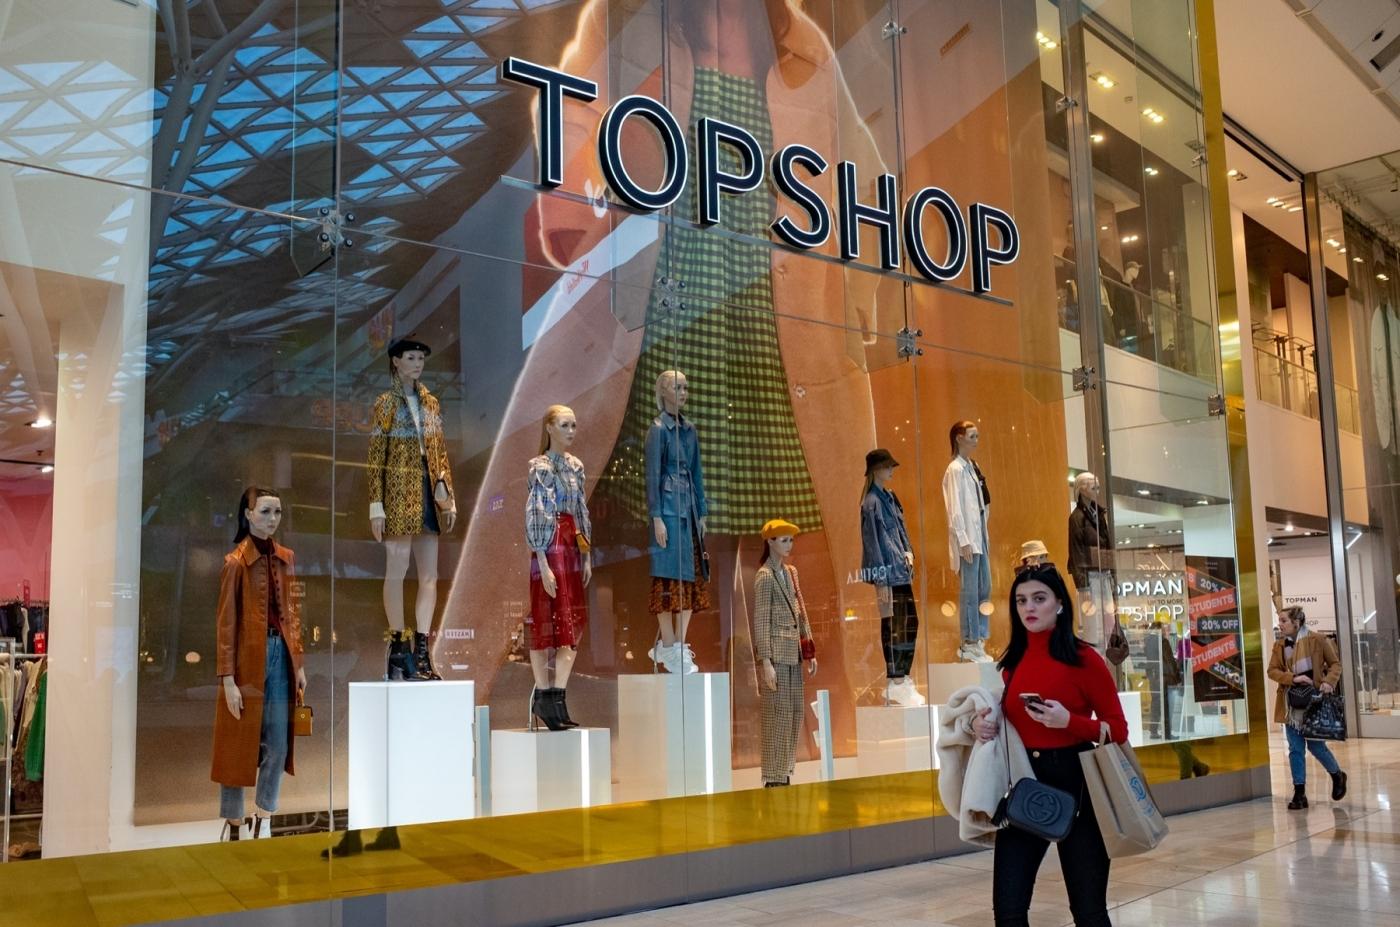 緊急貸款也難挽頹勢!英國兩大零售業瀕臨破產,2.5萬名員工恐一夕失業